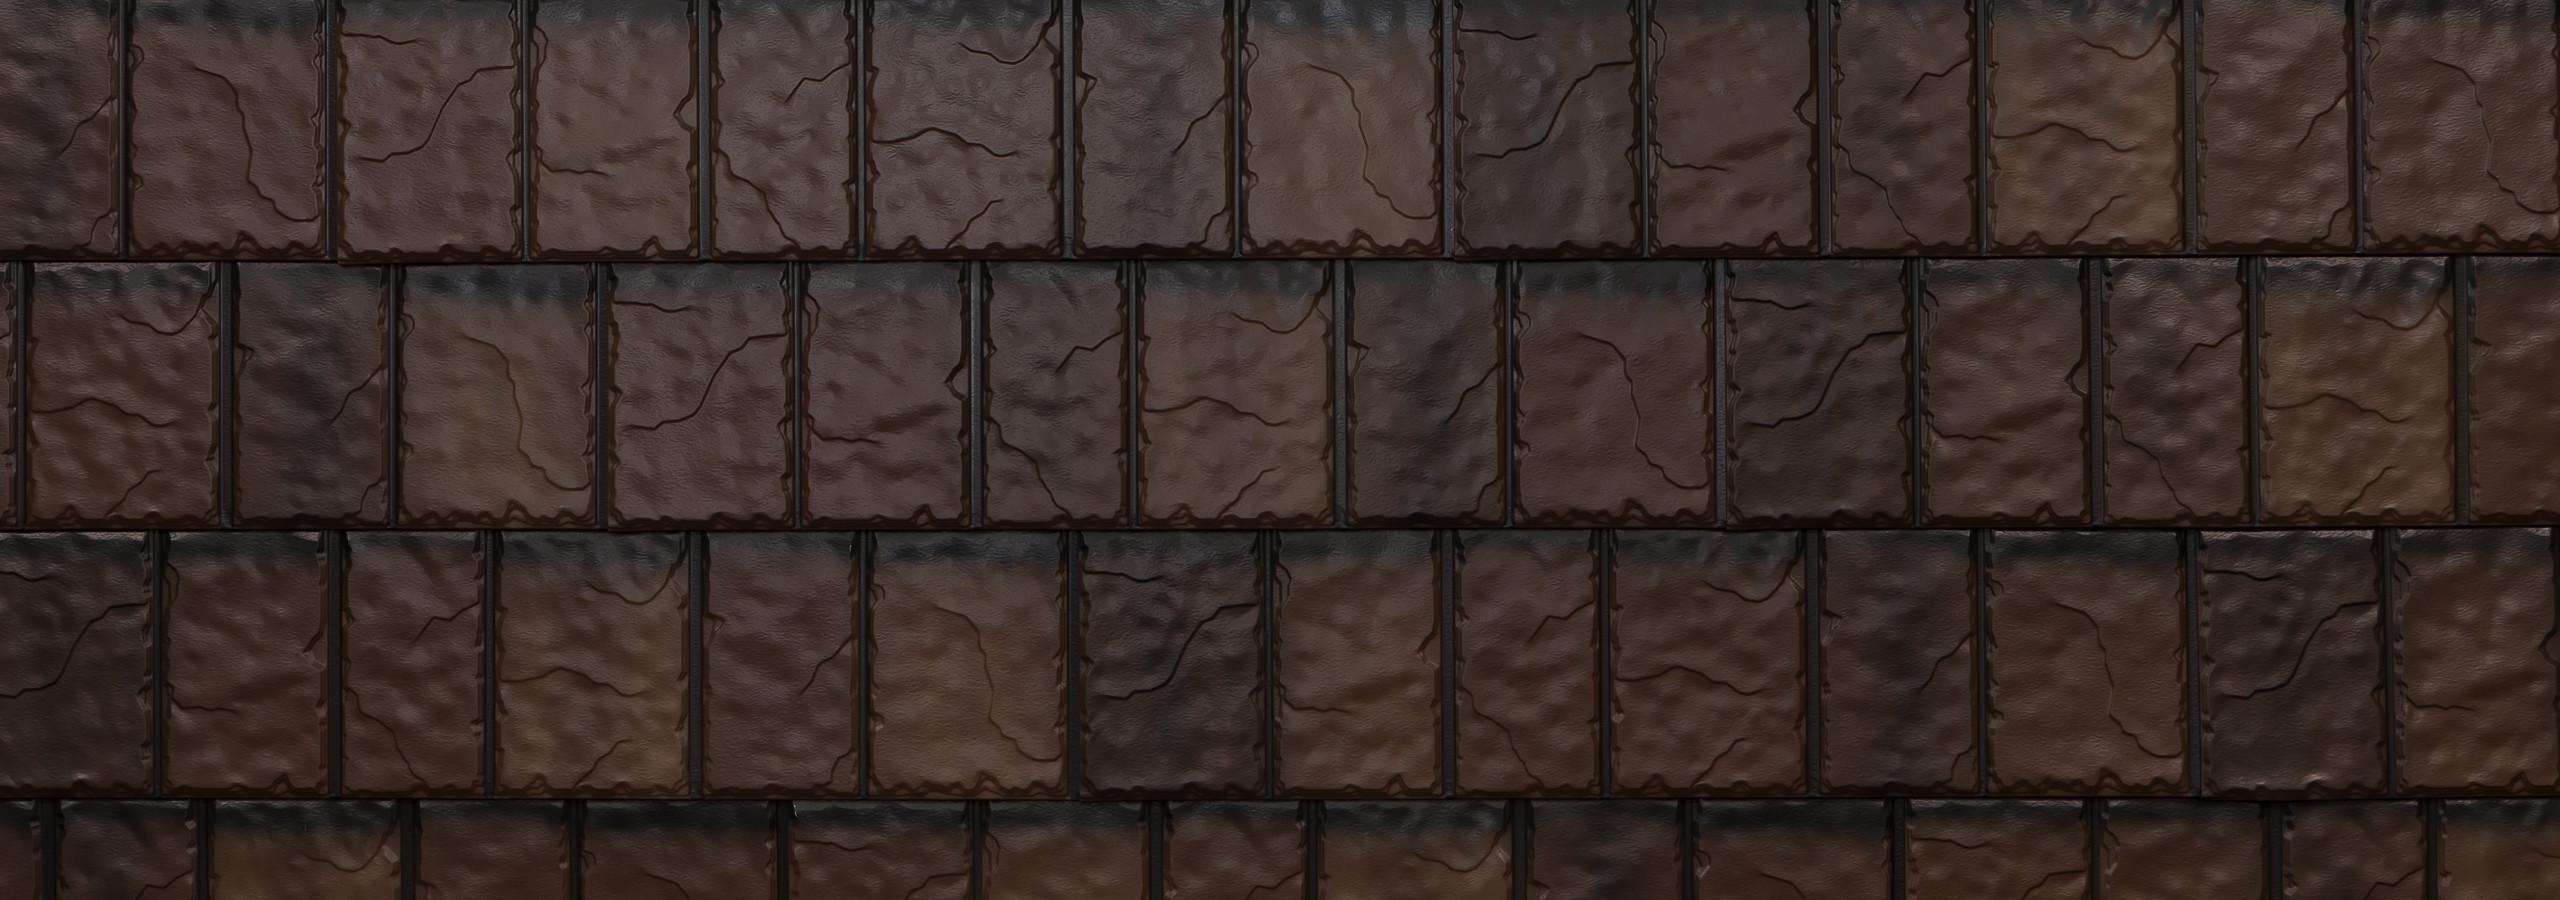 Royal brown steel slate roofing